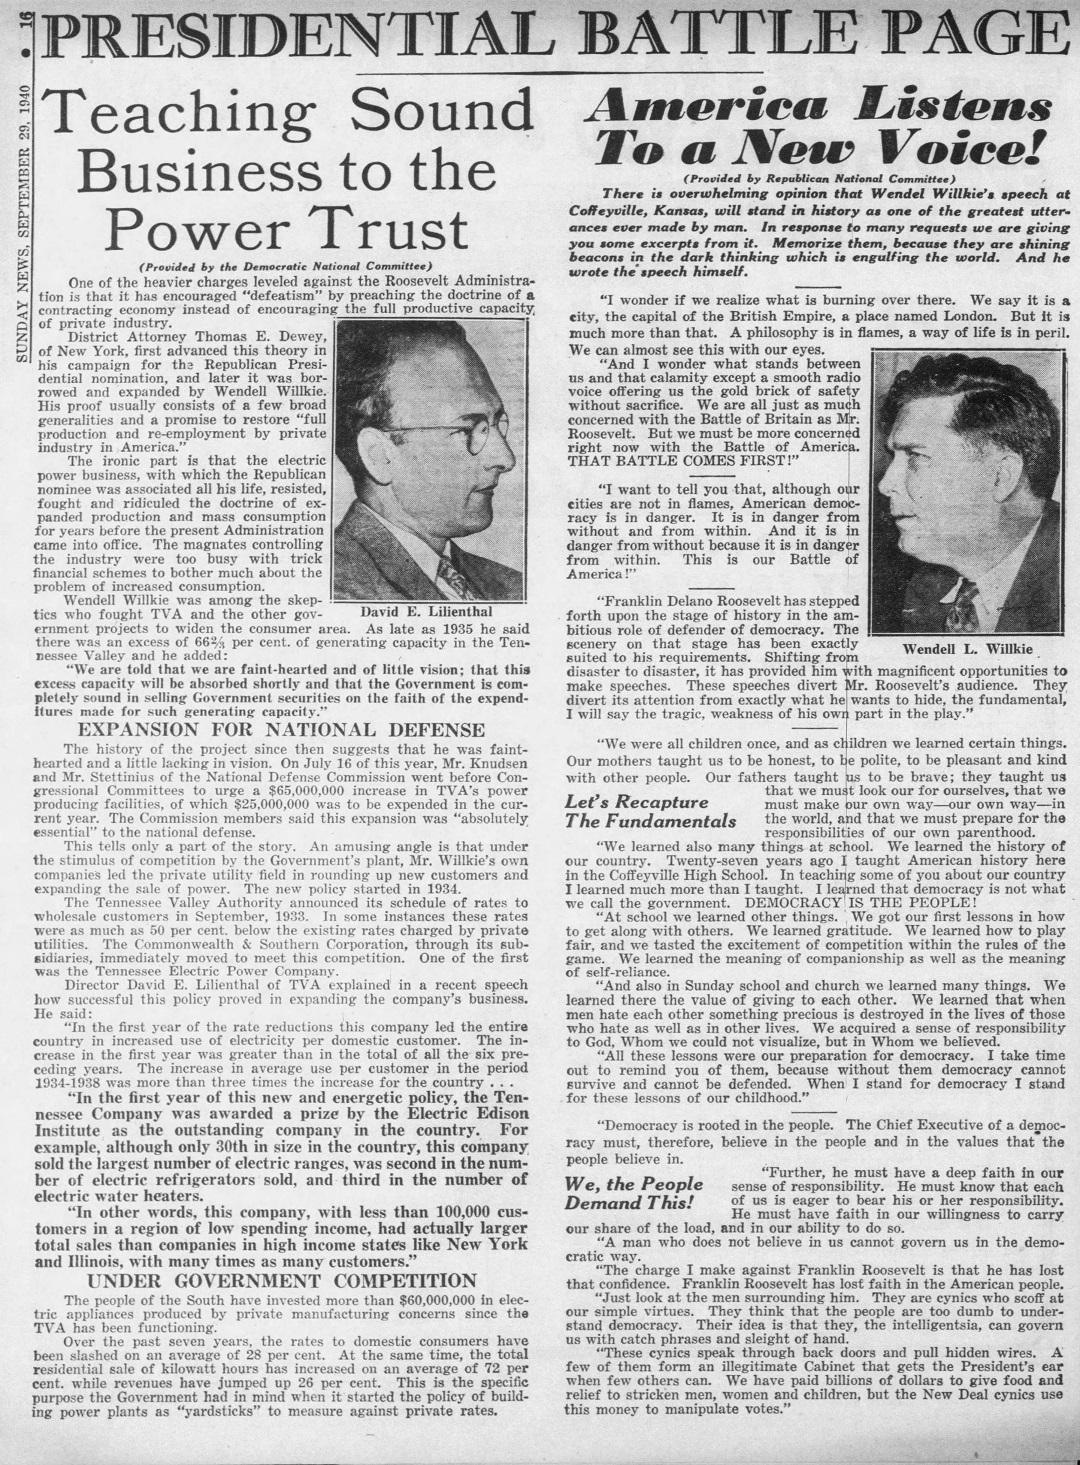 Daily_News_Sun__Sep_29__1940_(1).jpg